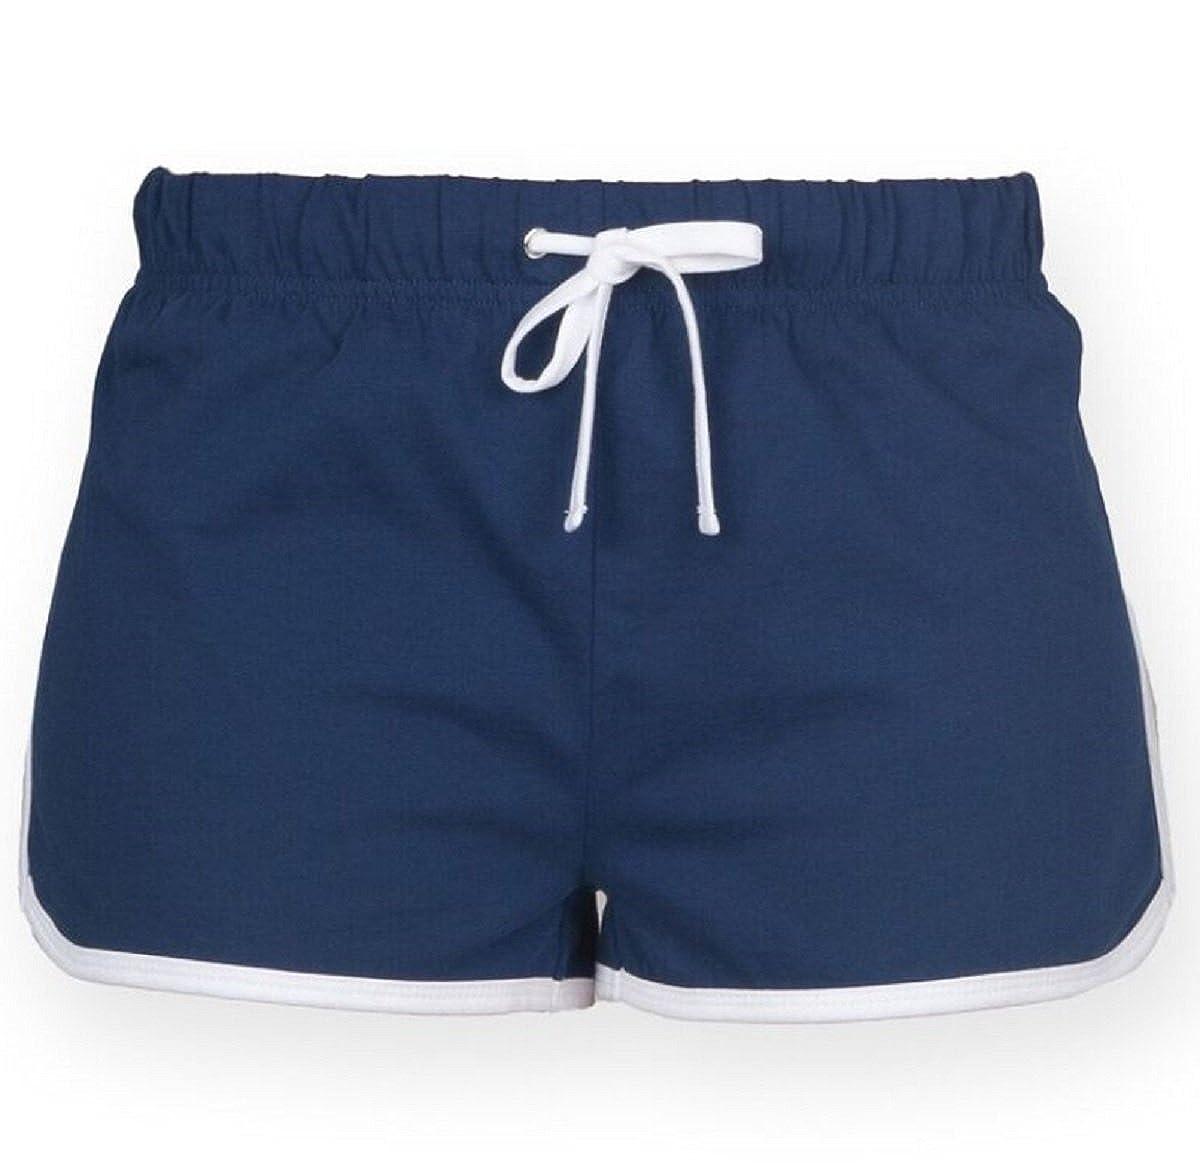 8e721633b7912 Skinnifit Womens Retro Shorts: Amazon.co.uk: Clothing